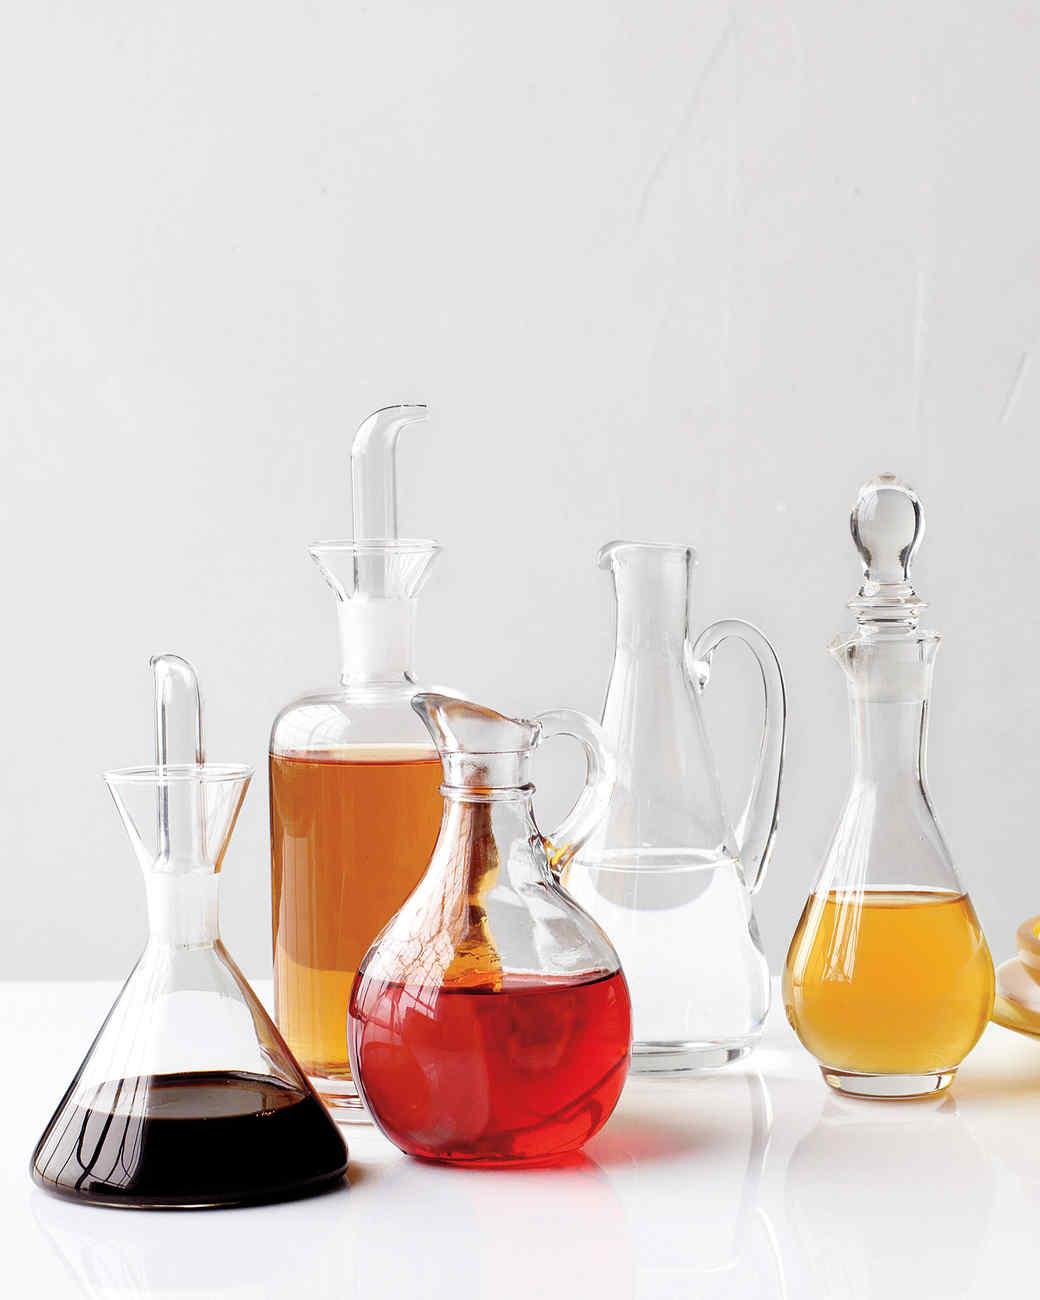 vinegars-hyt-0511med106942.jpg